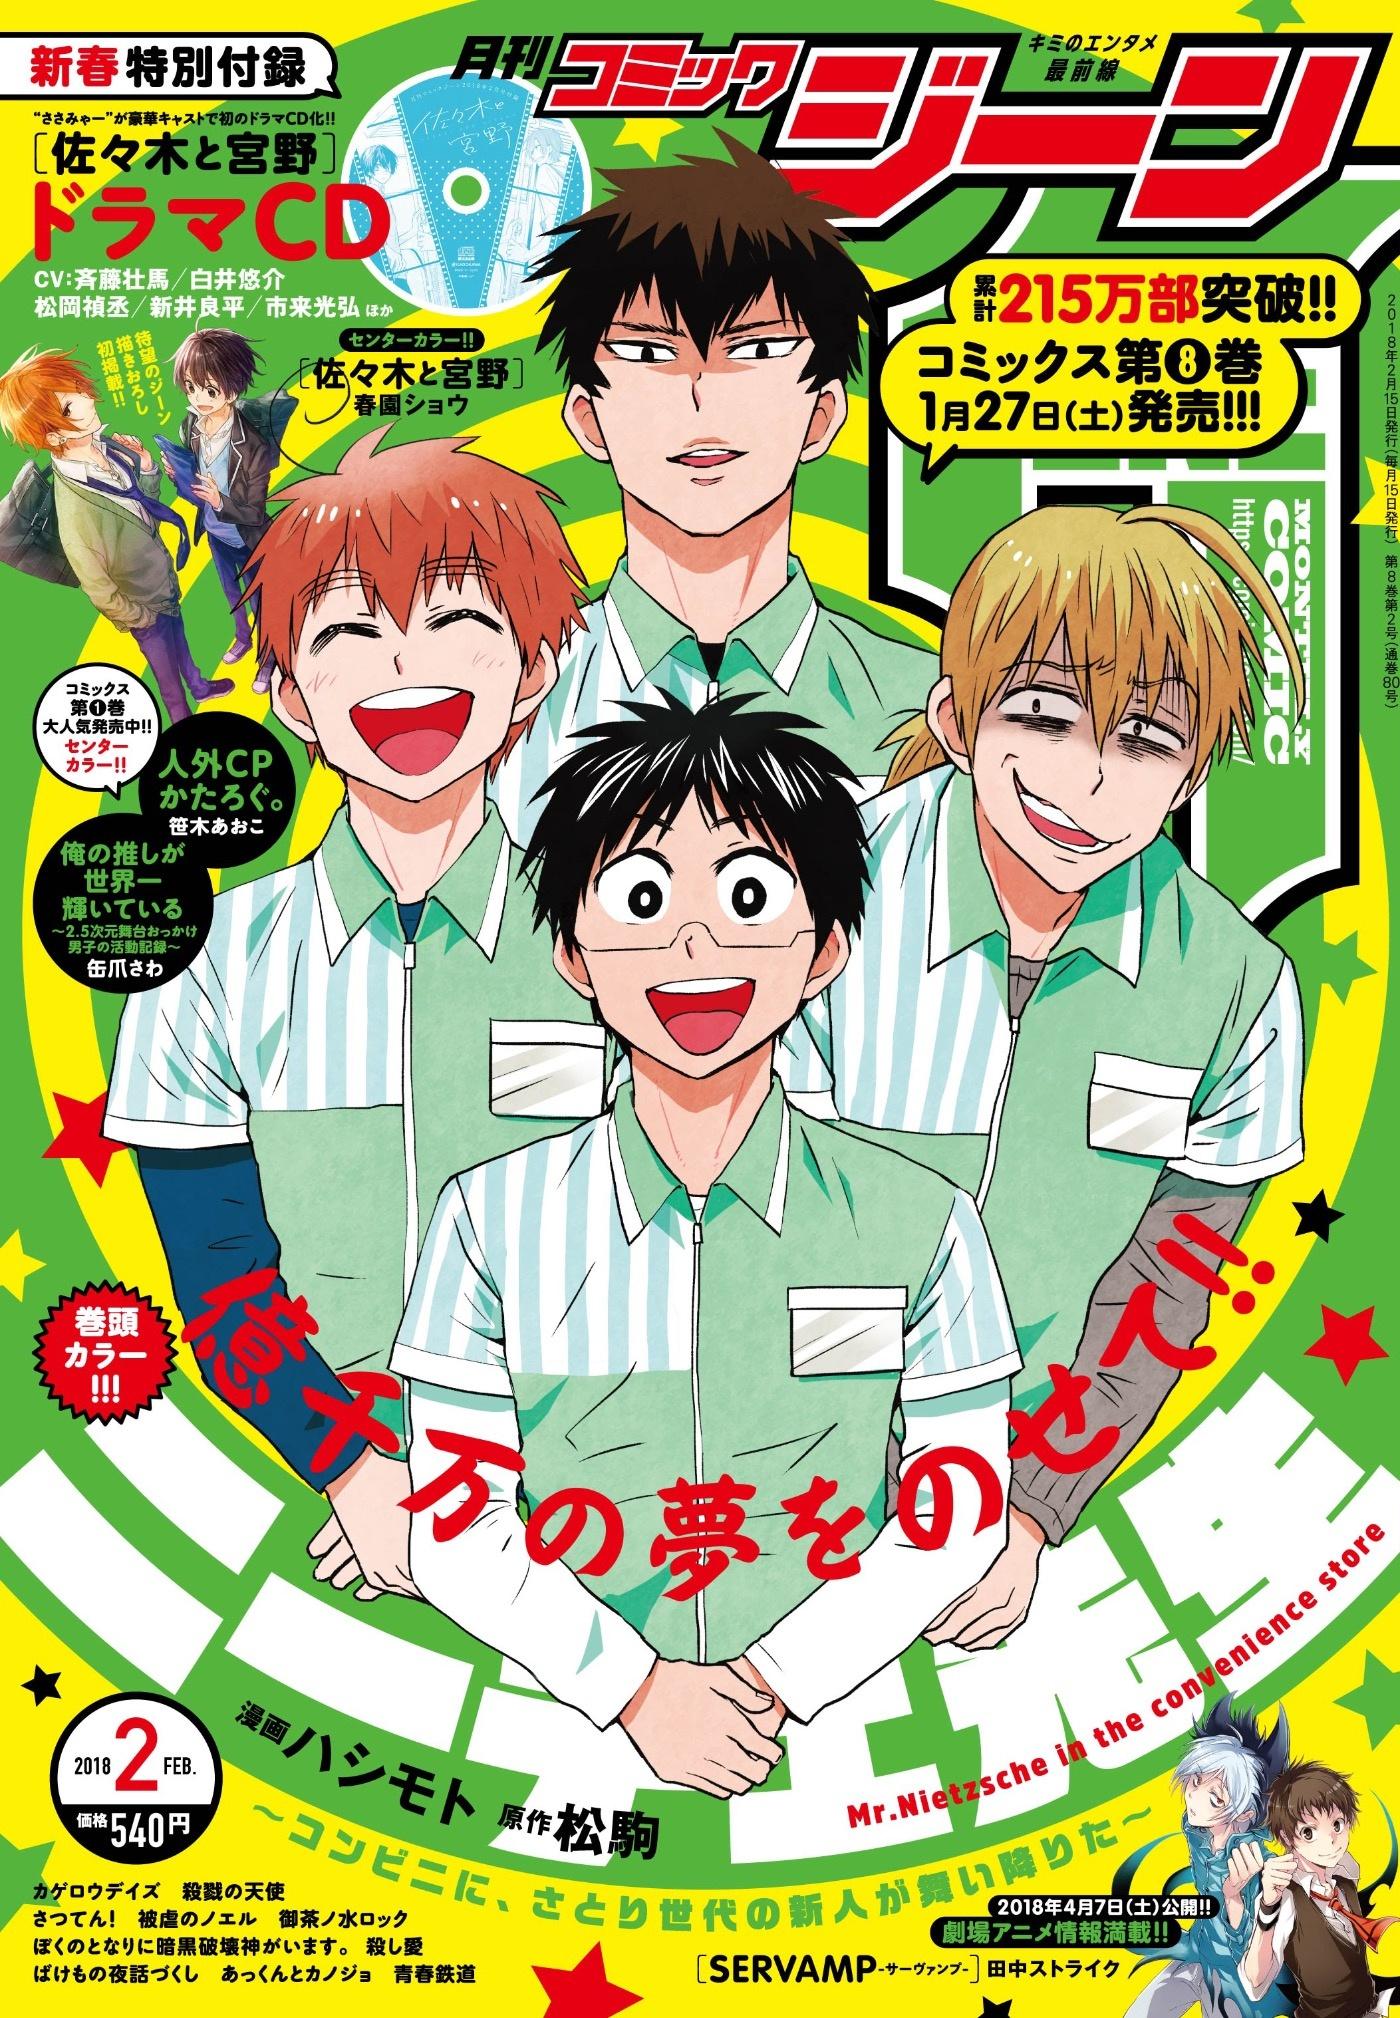 コミック 2 月 発売